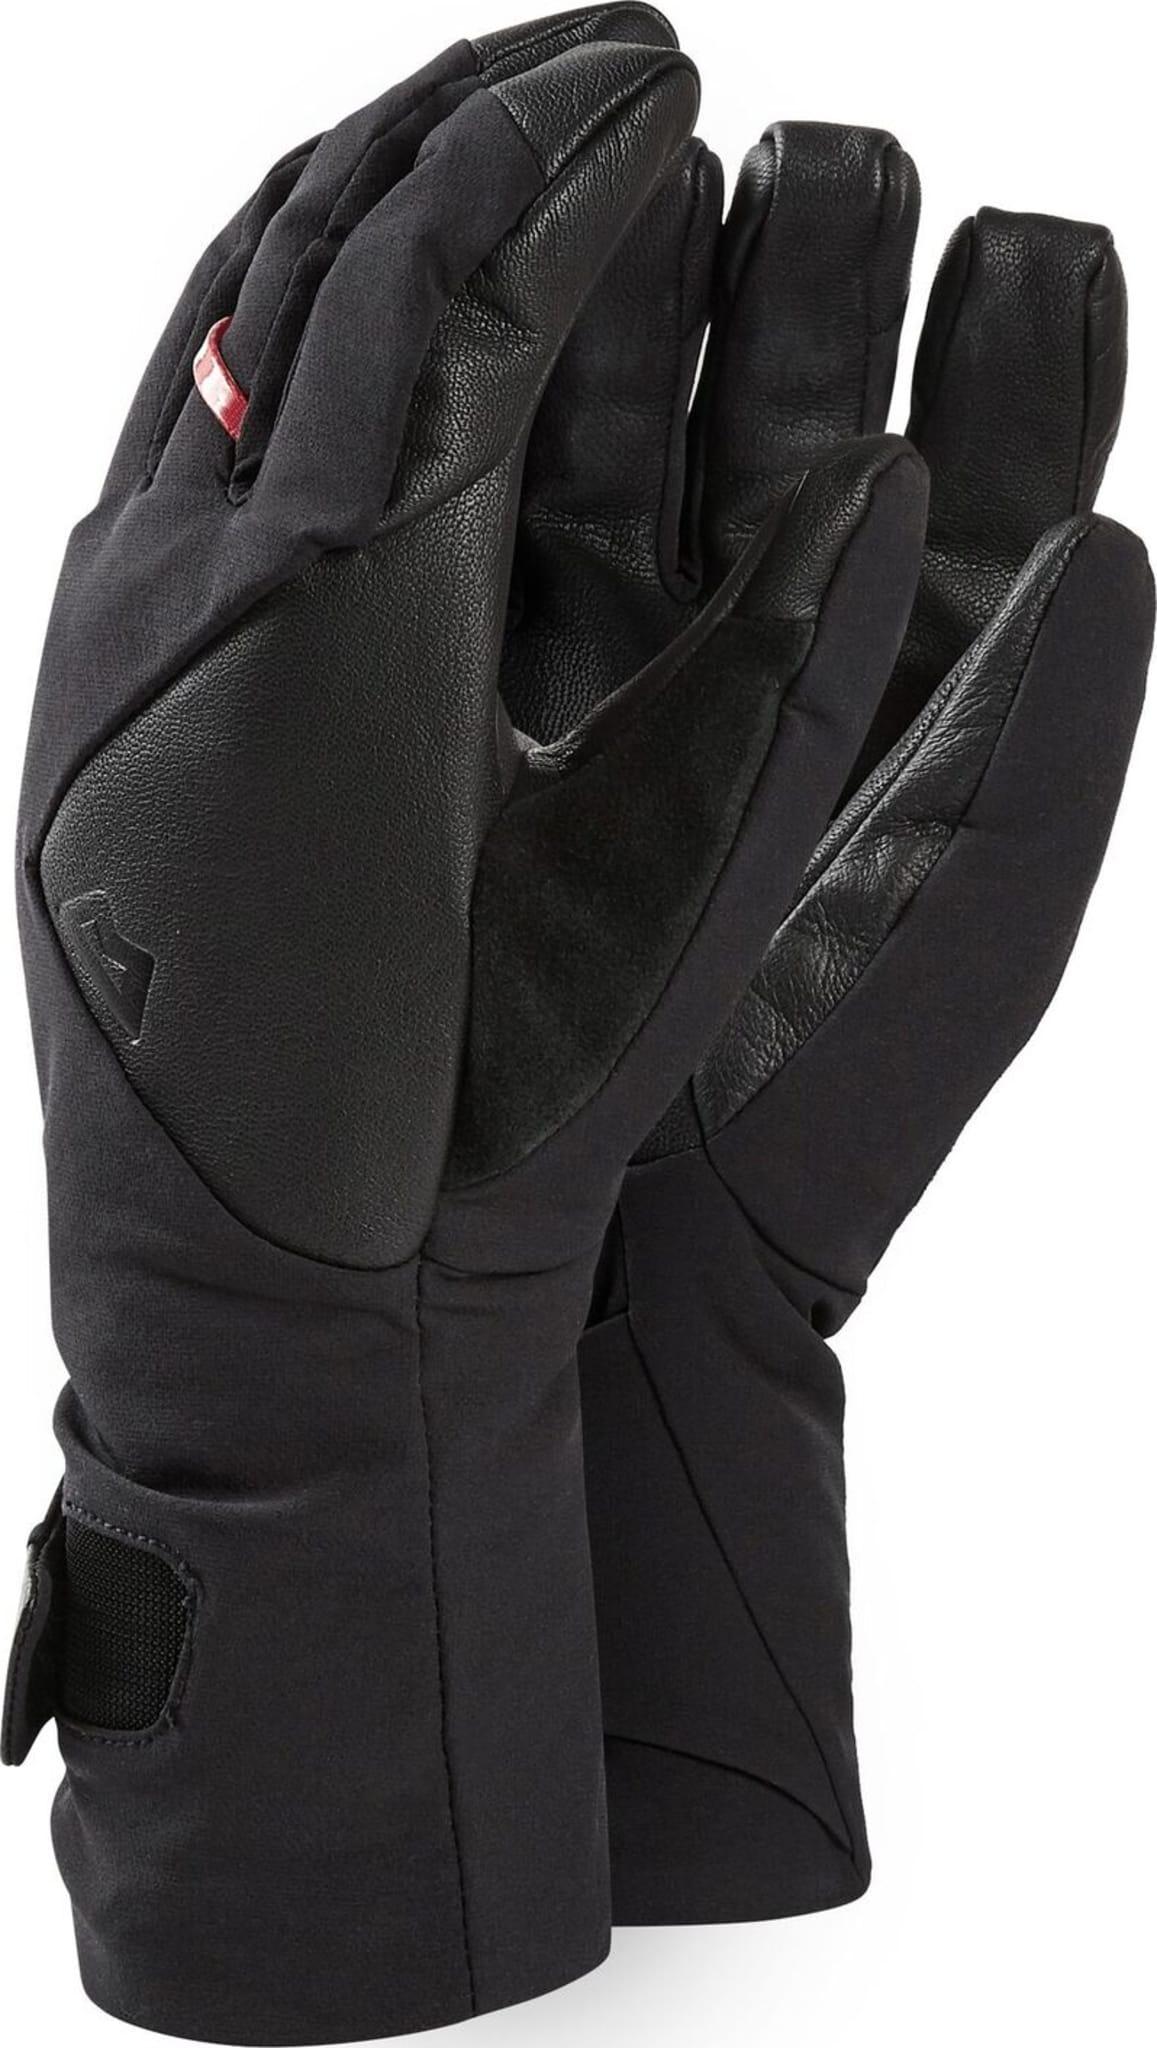 En fremragende, vindtett og varm hanske for alle aktiviteter i vinterfjellet